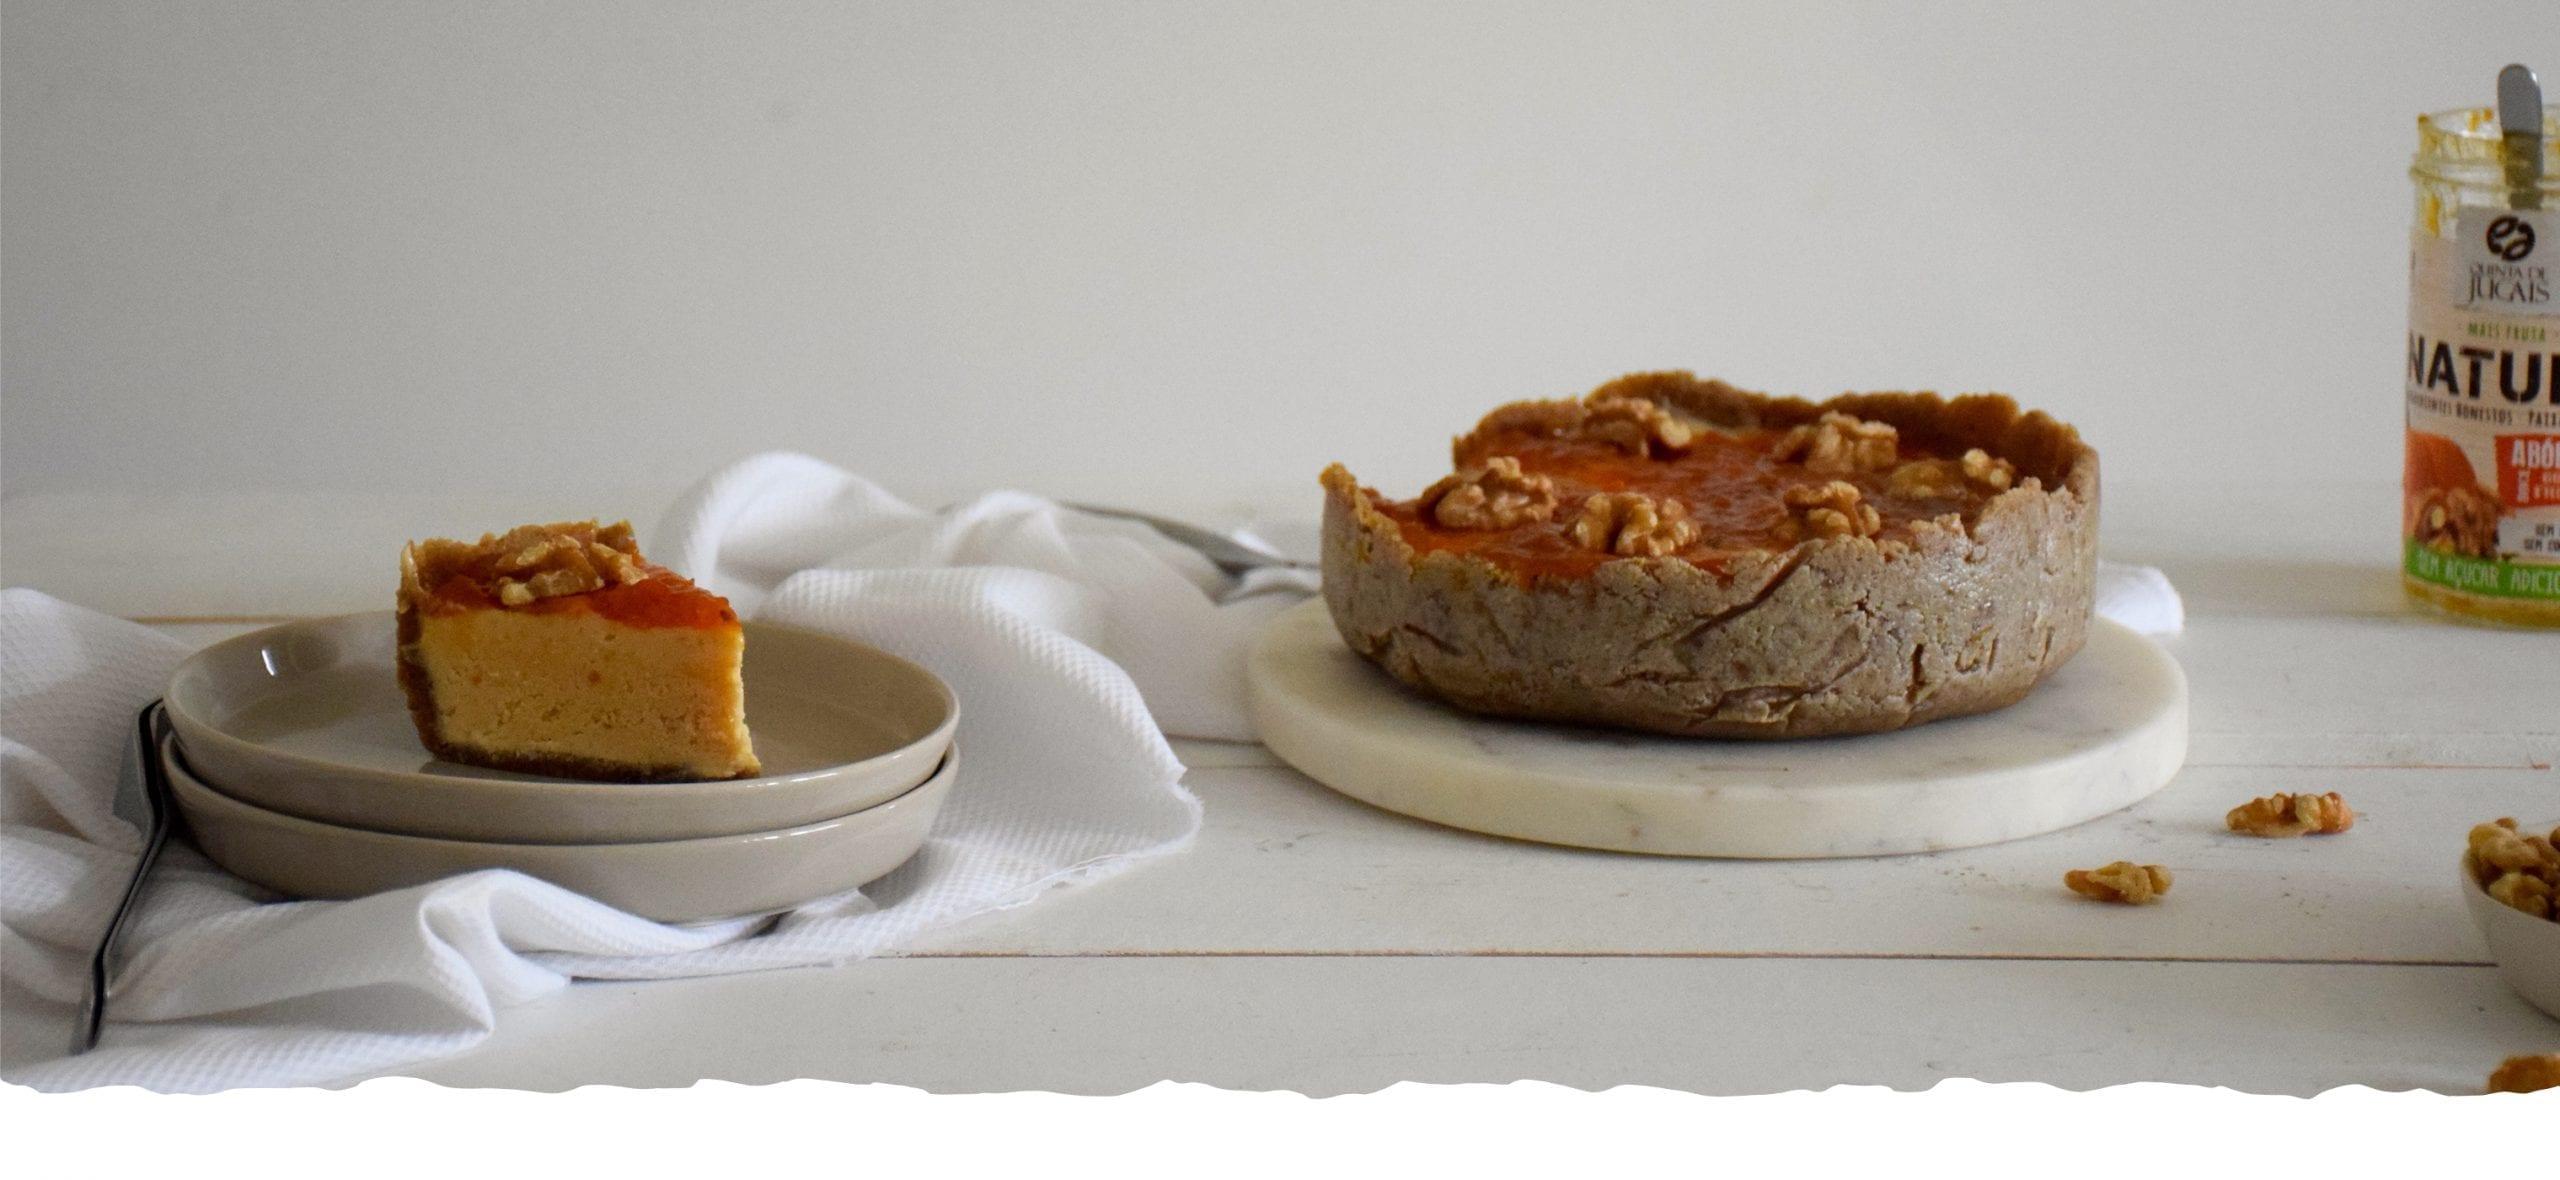 Cheesecake com Doce Natura de Abóbora com Noz